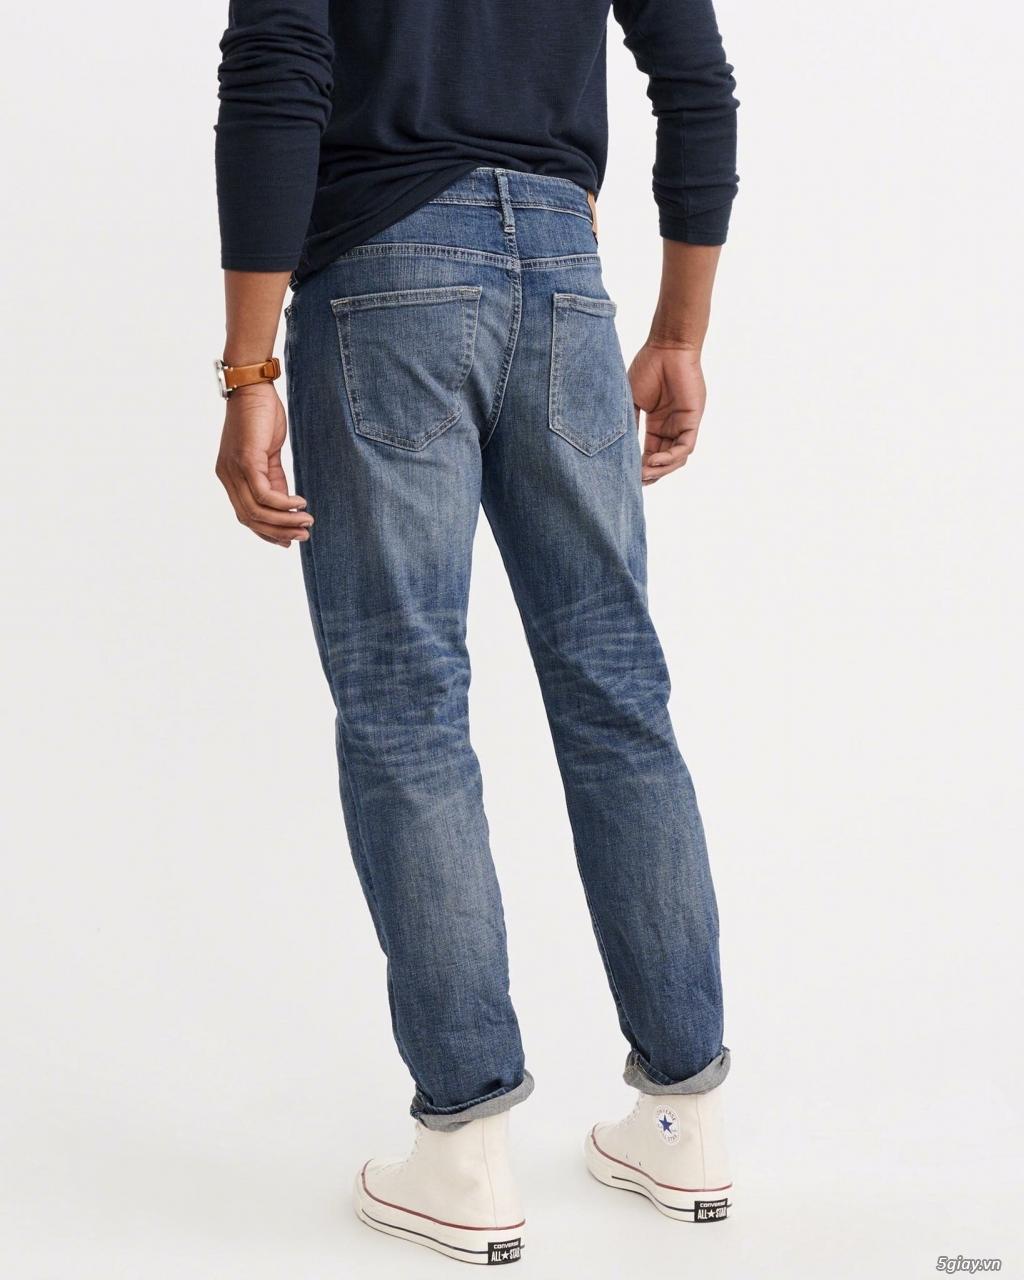 Cần thanh lý quẩn jeans abercrombie & fitch mua bên mỹ . - 3